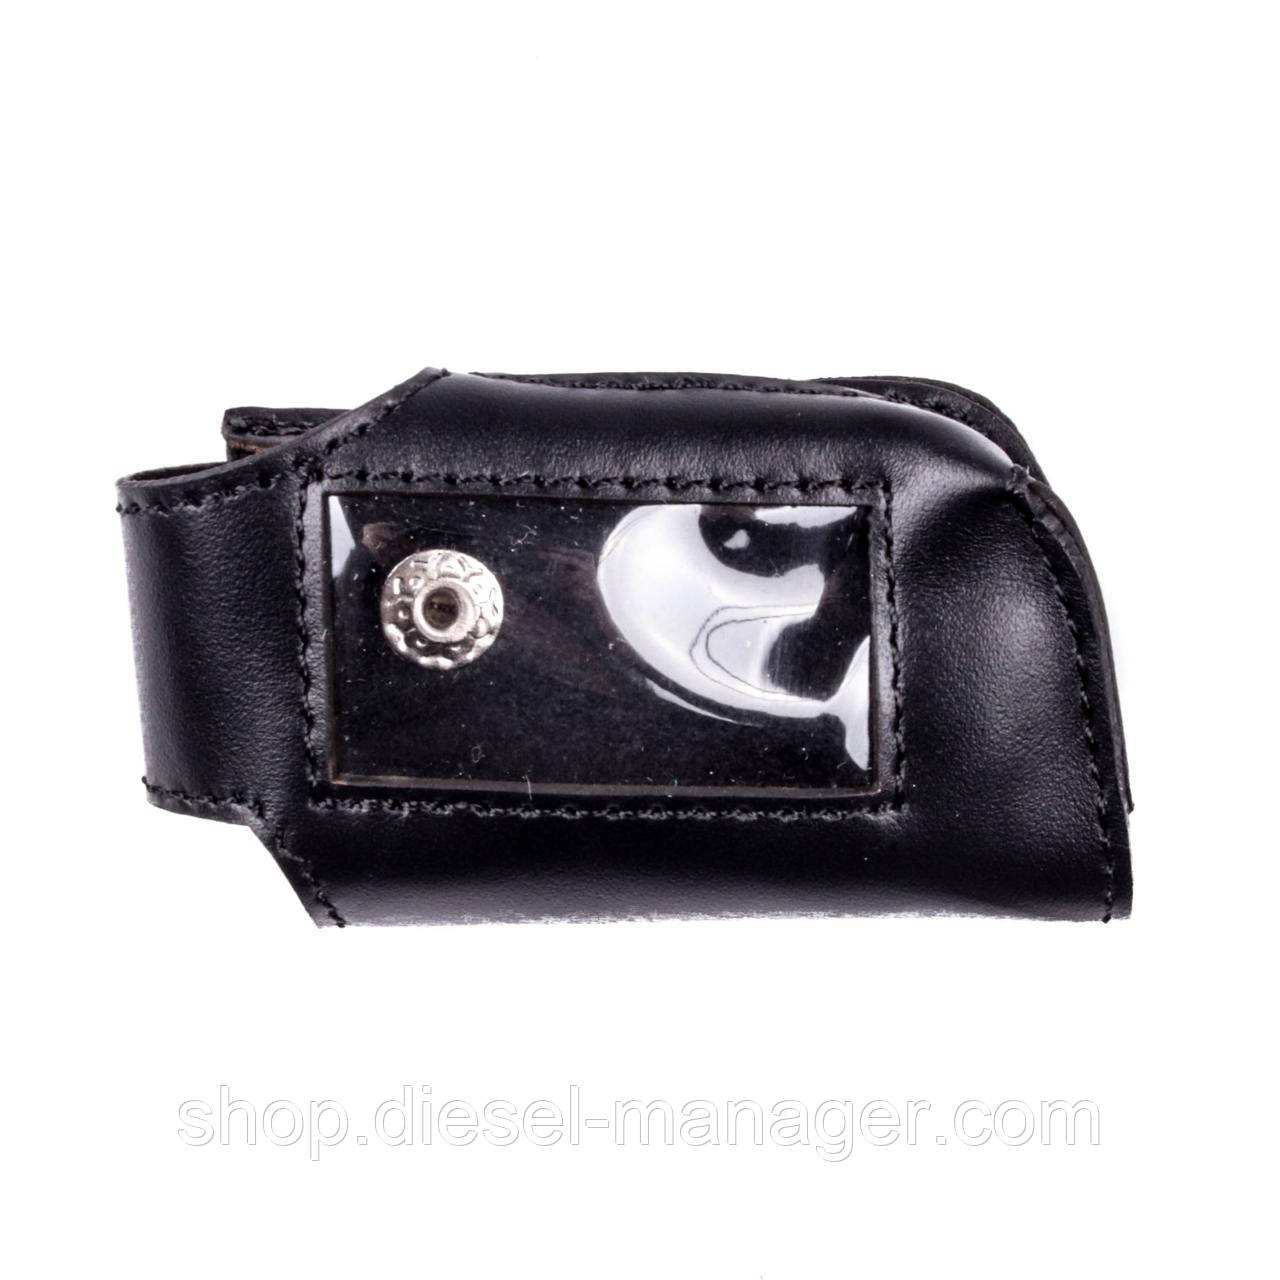 Чехол Valenta для брелока Starline A63/ A93 кожаный Черный (РК671)